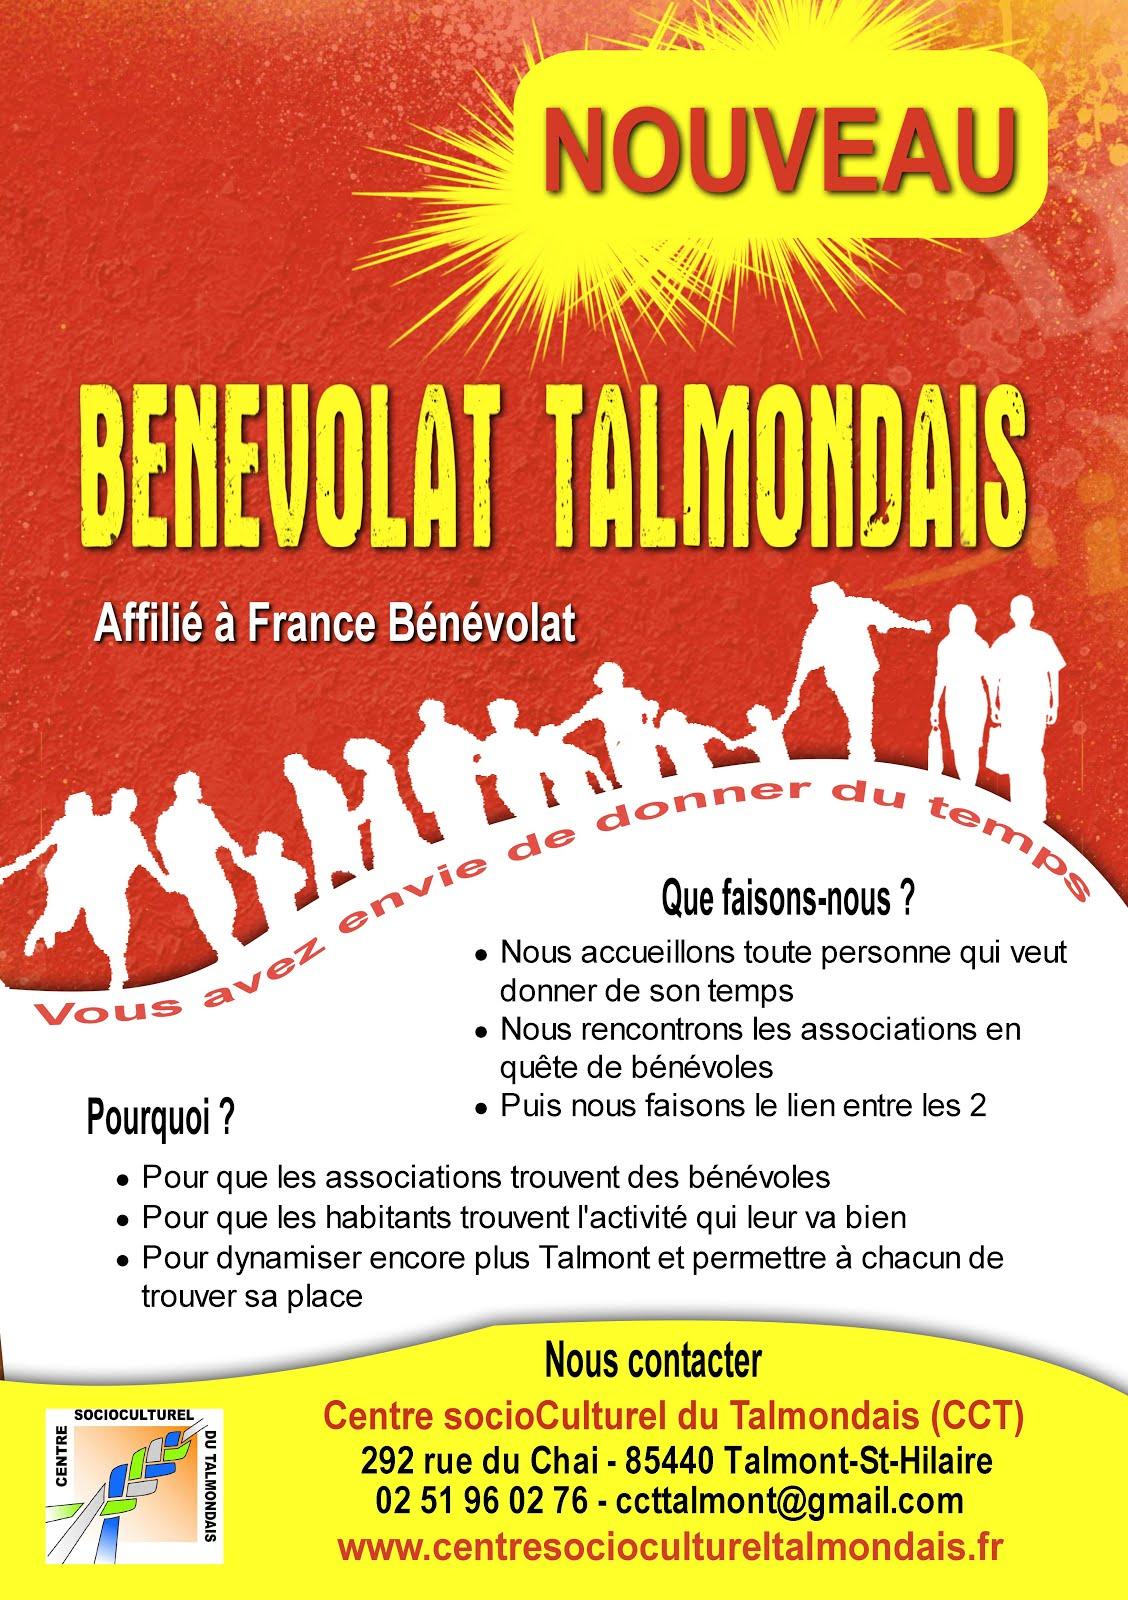 Devenir bénévole : à Talmont, c'est possible!